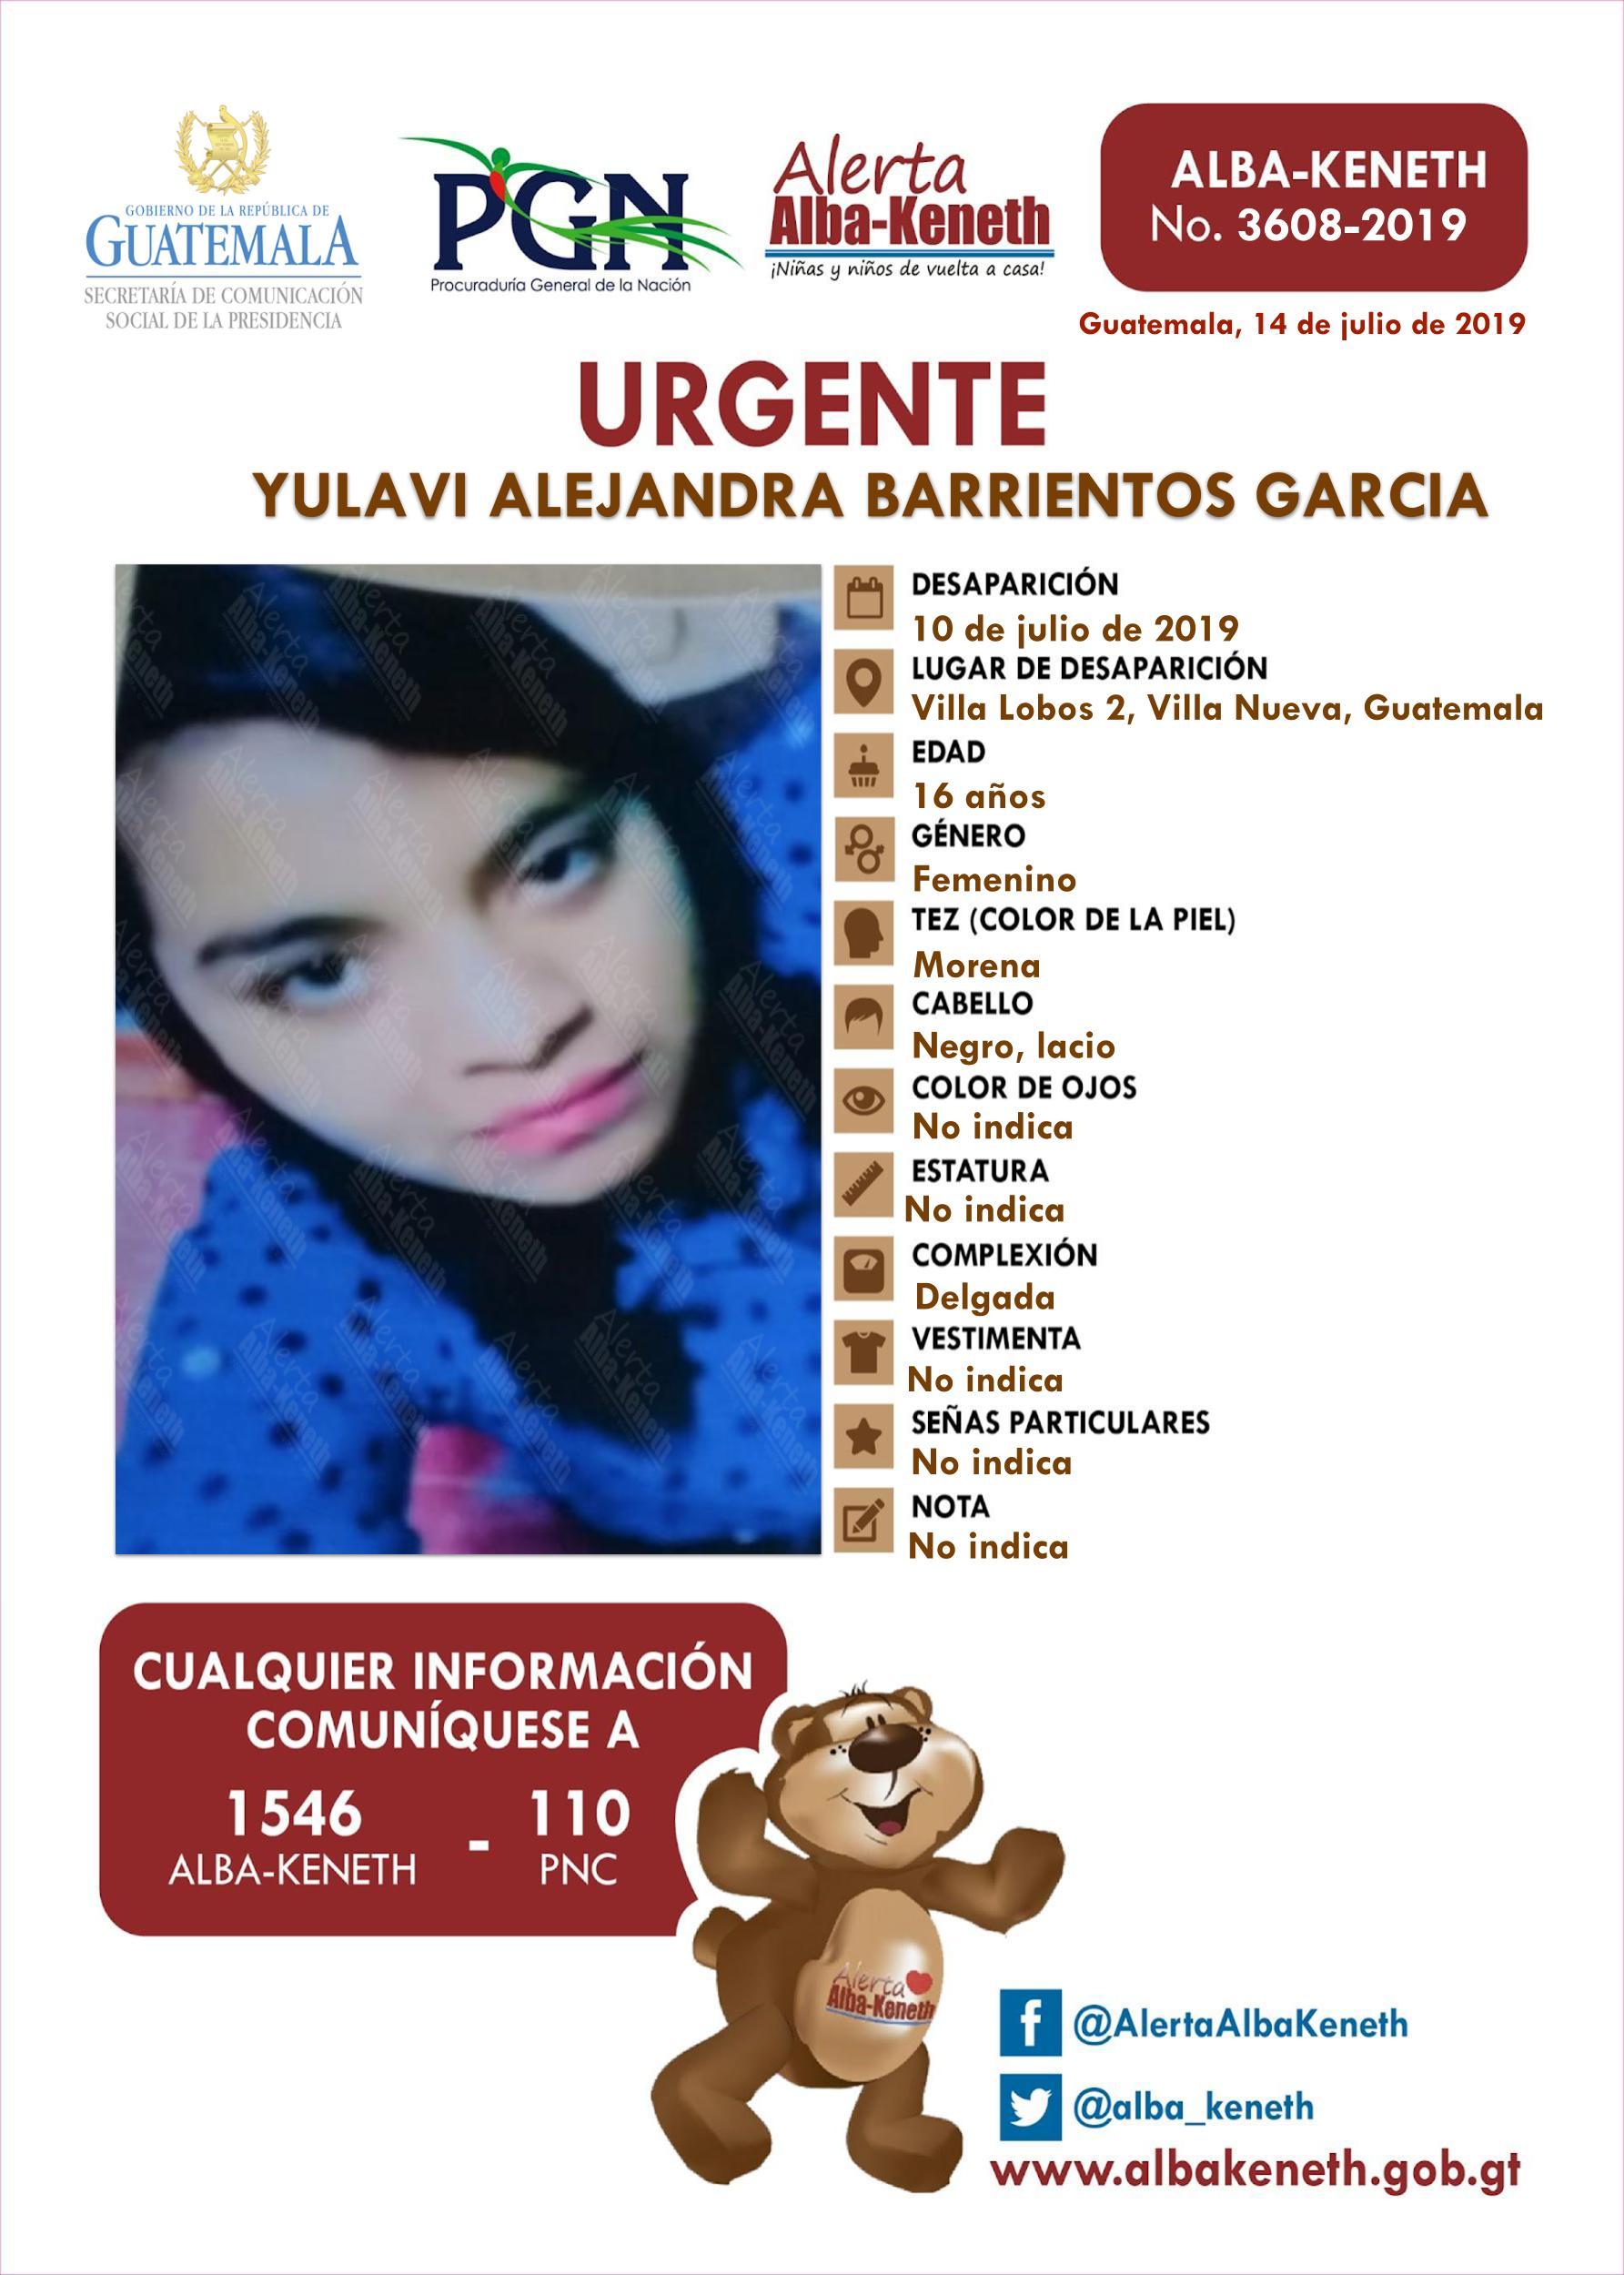 Yulavi Alejandra Barrientos Garcia